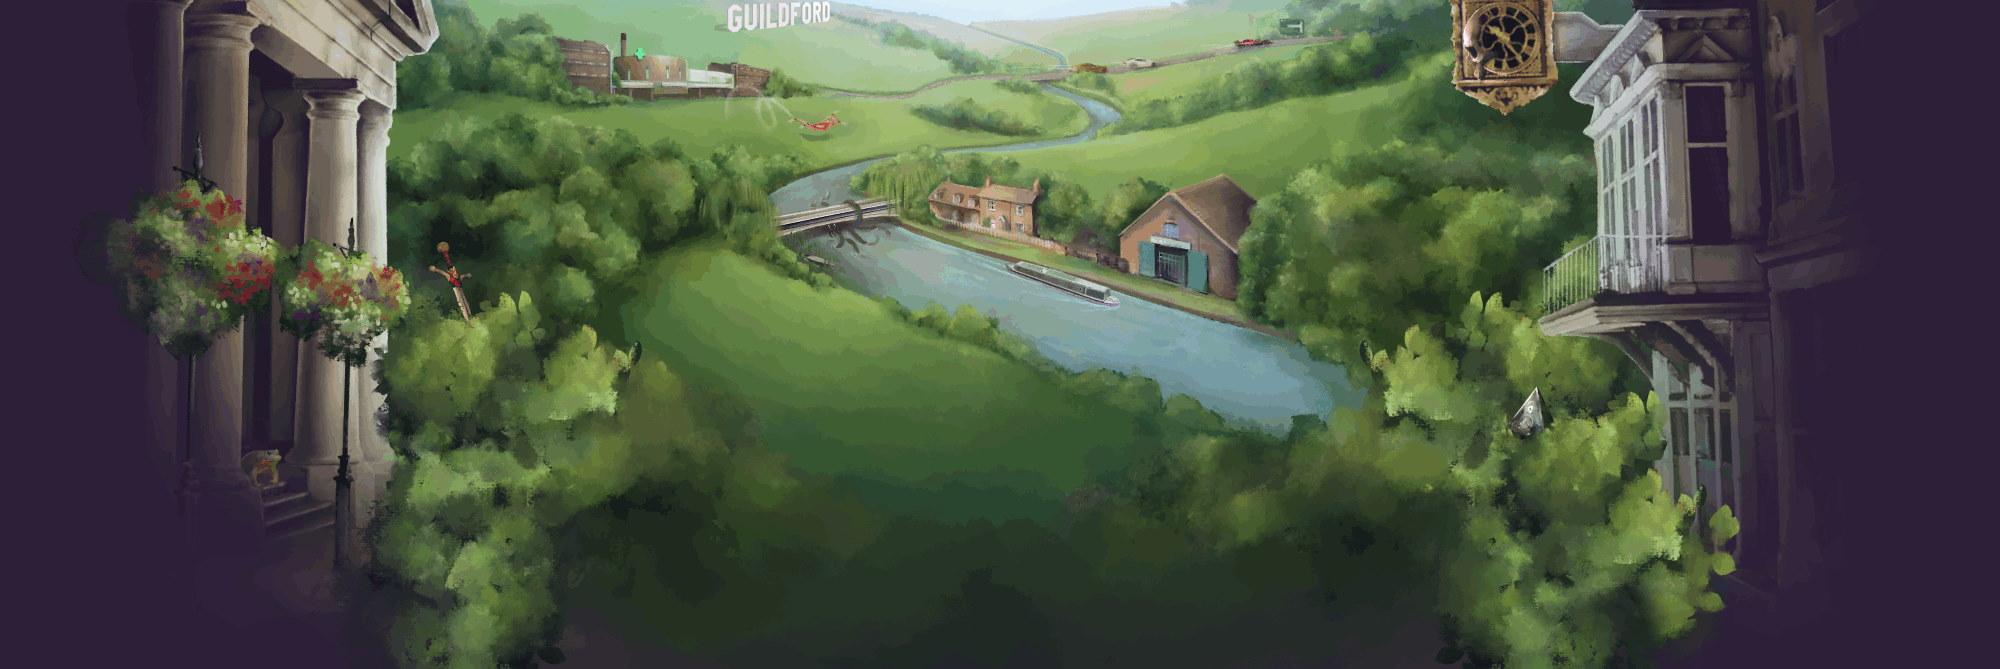 Guildford Games Artwork